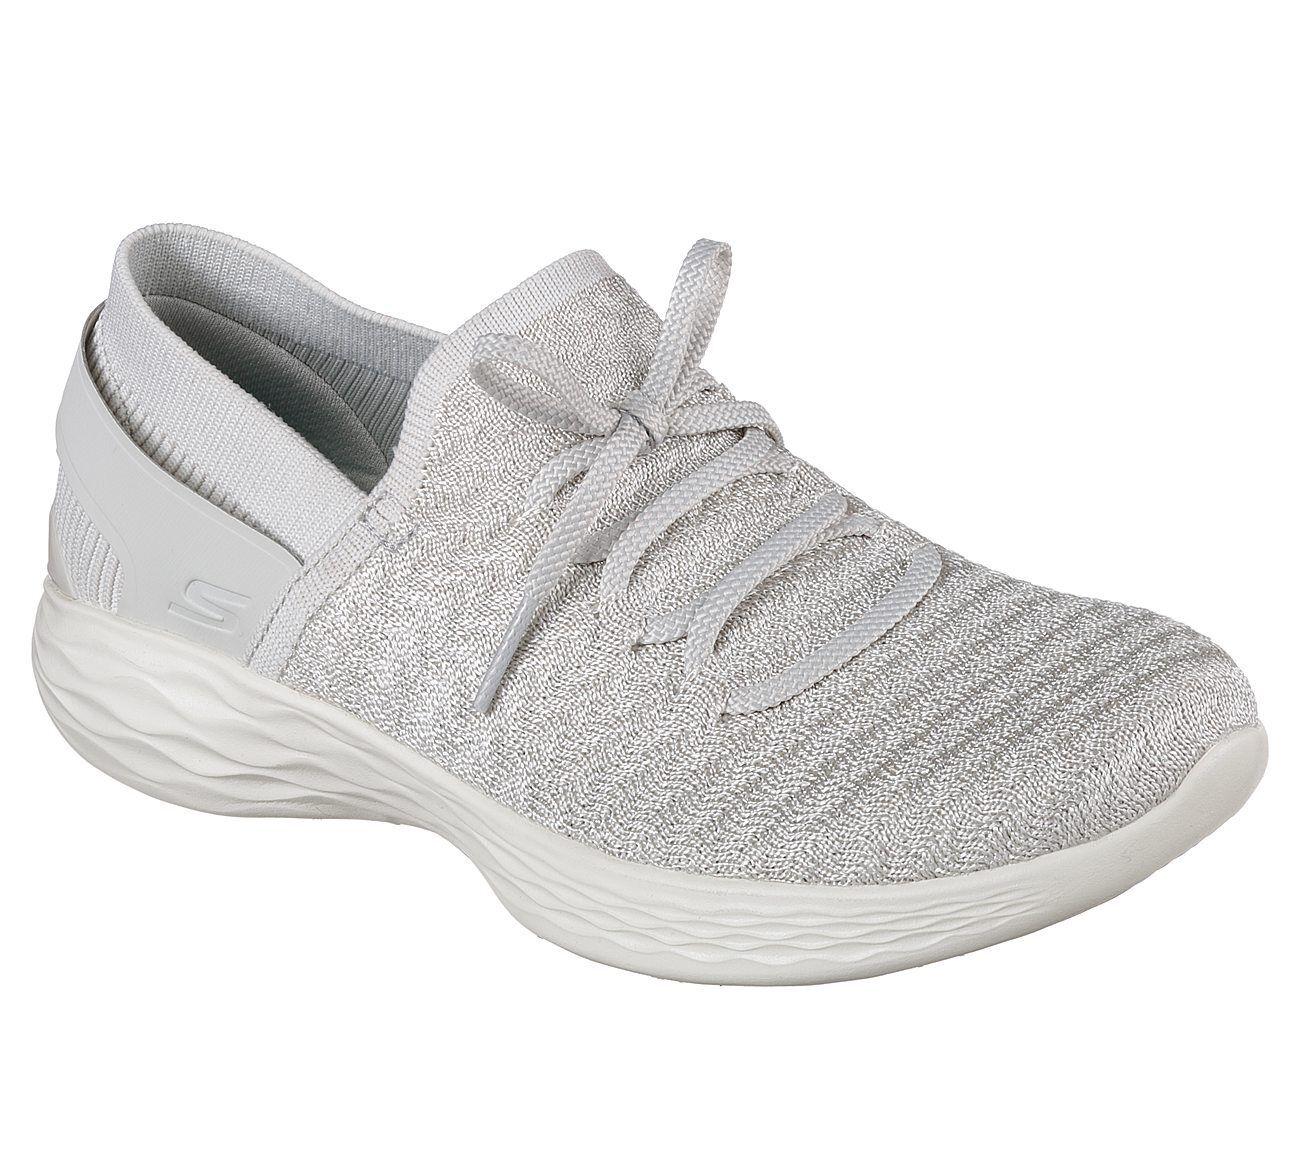 NEU Walking SKECHERS Damen Sneakers Turnschuhe Walking NEU YOU - BEGINNING Silber 20d5cf